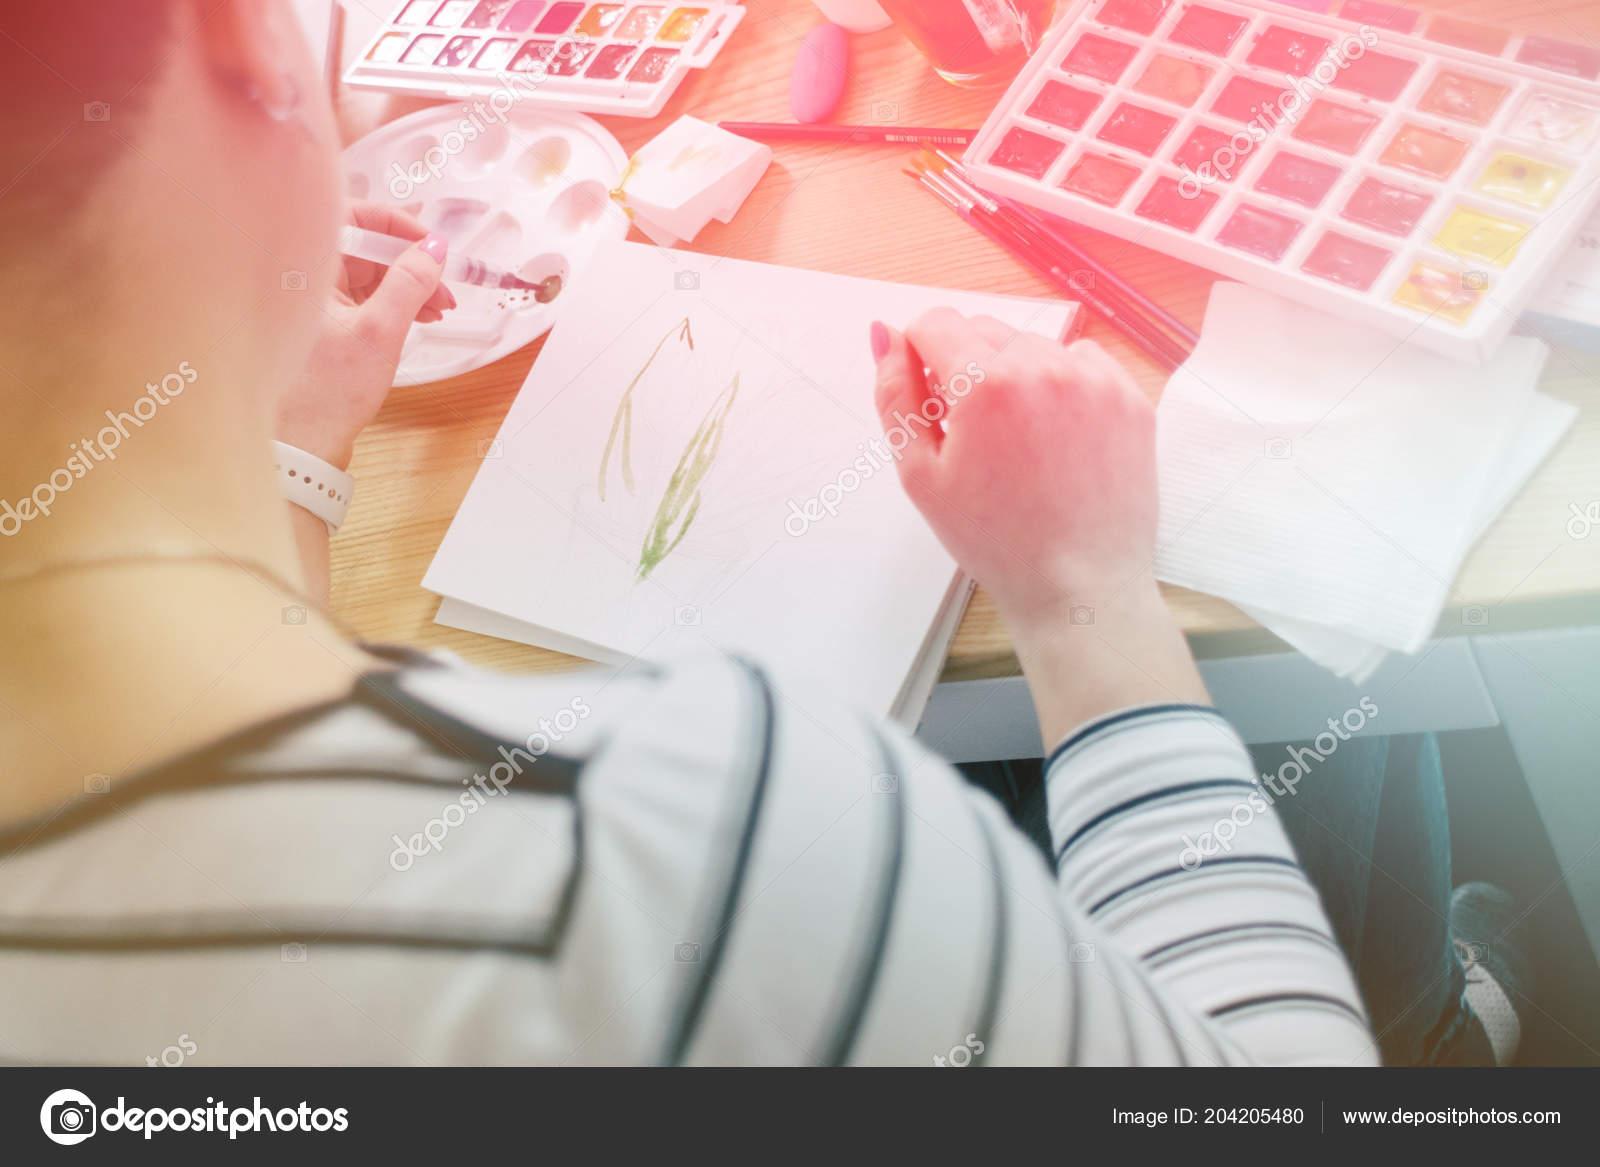 Kreative Inspiration Zeichnen Von Skizzen Oder Geniale Ideen